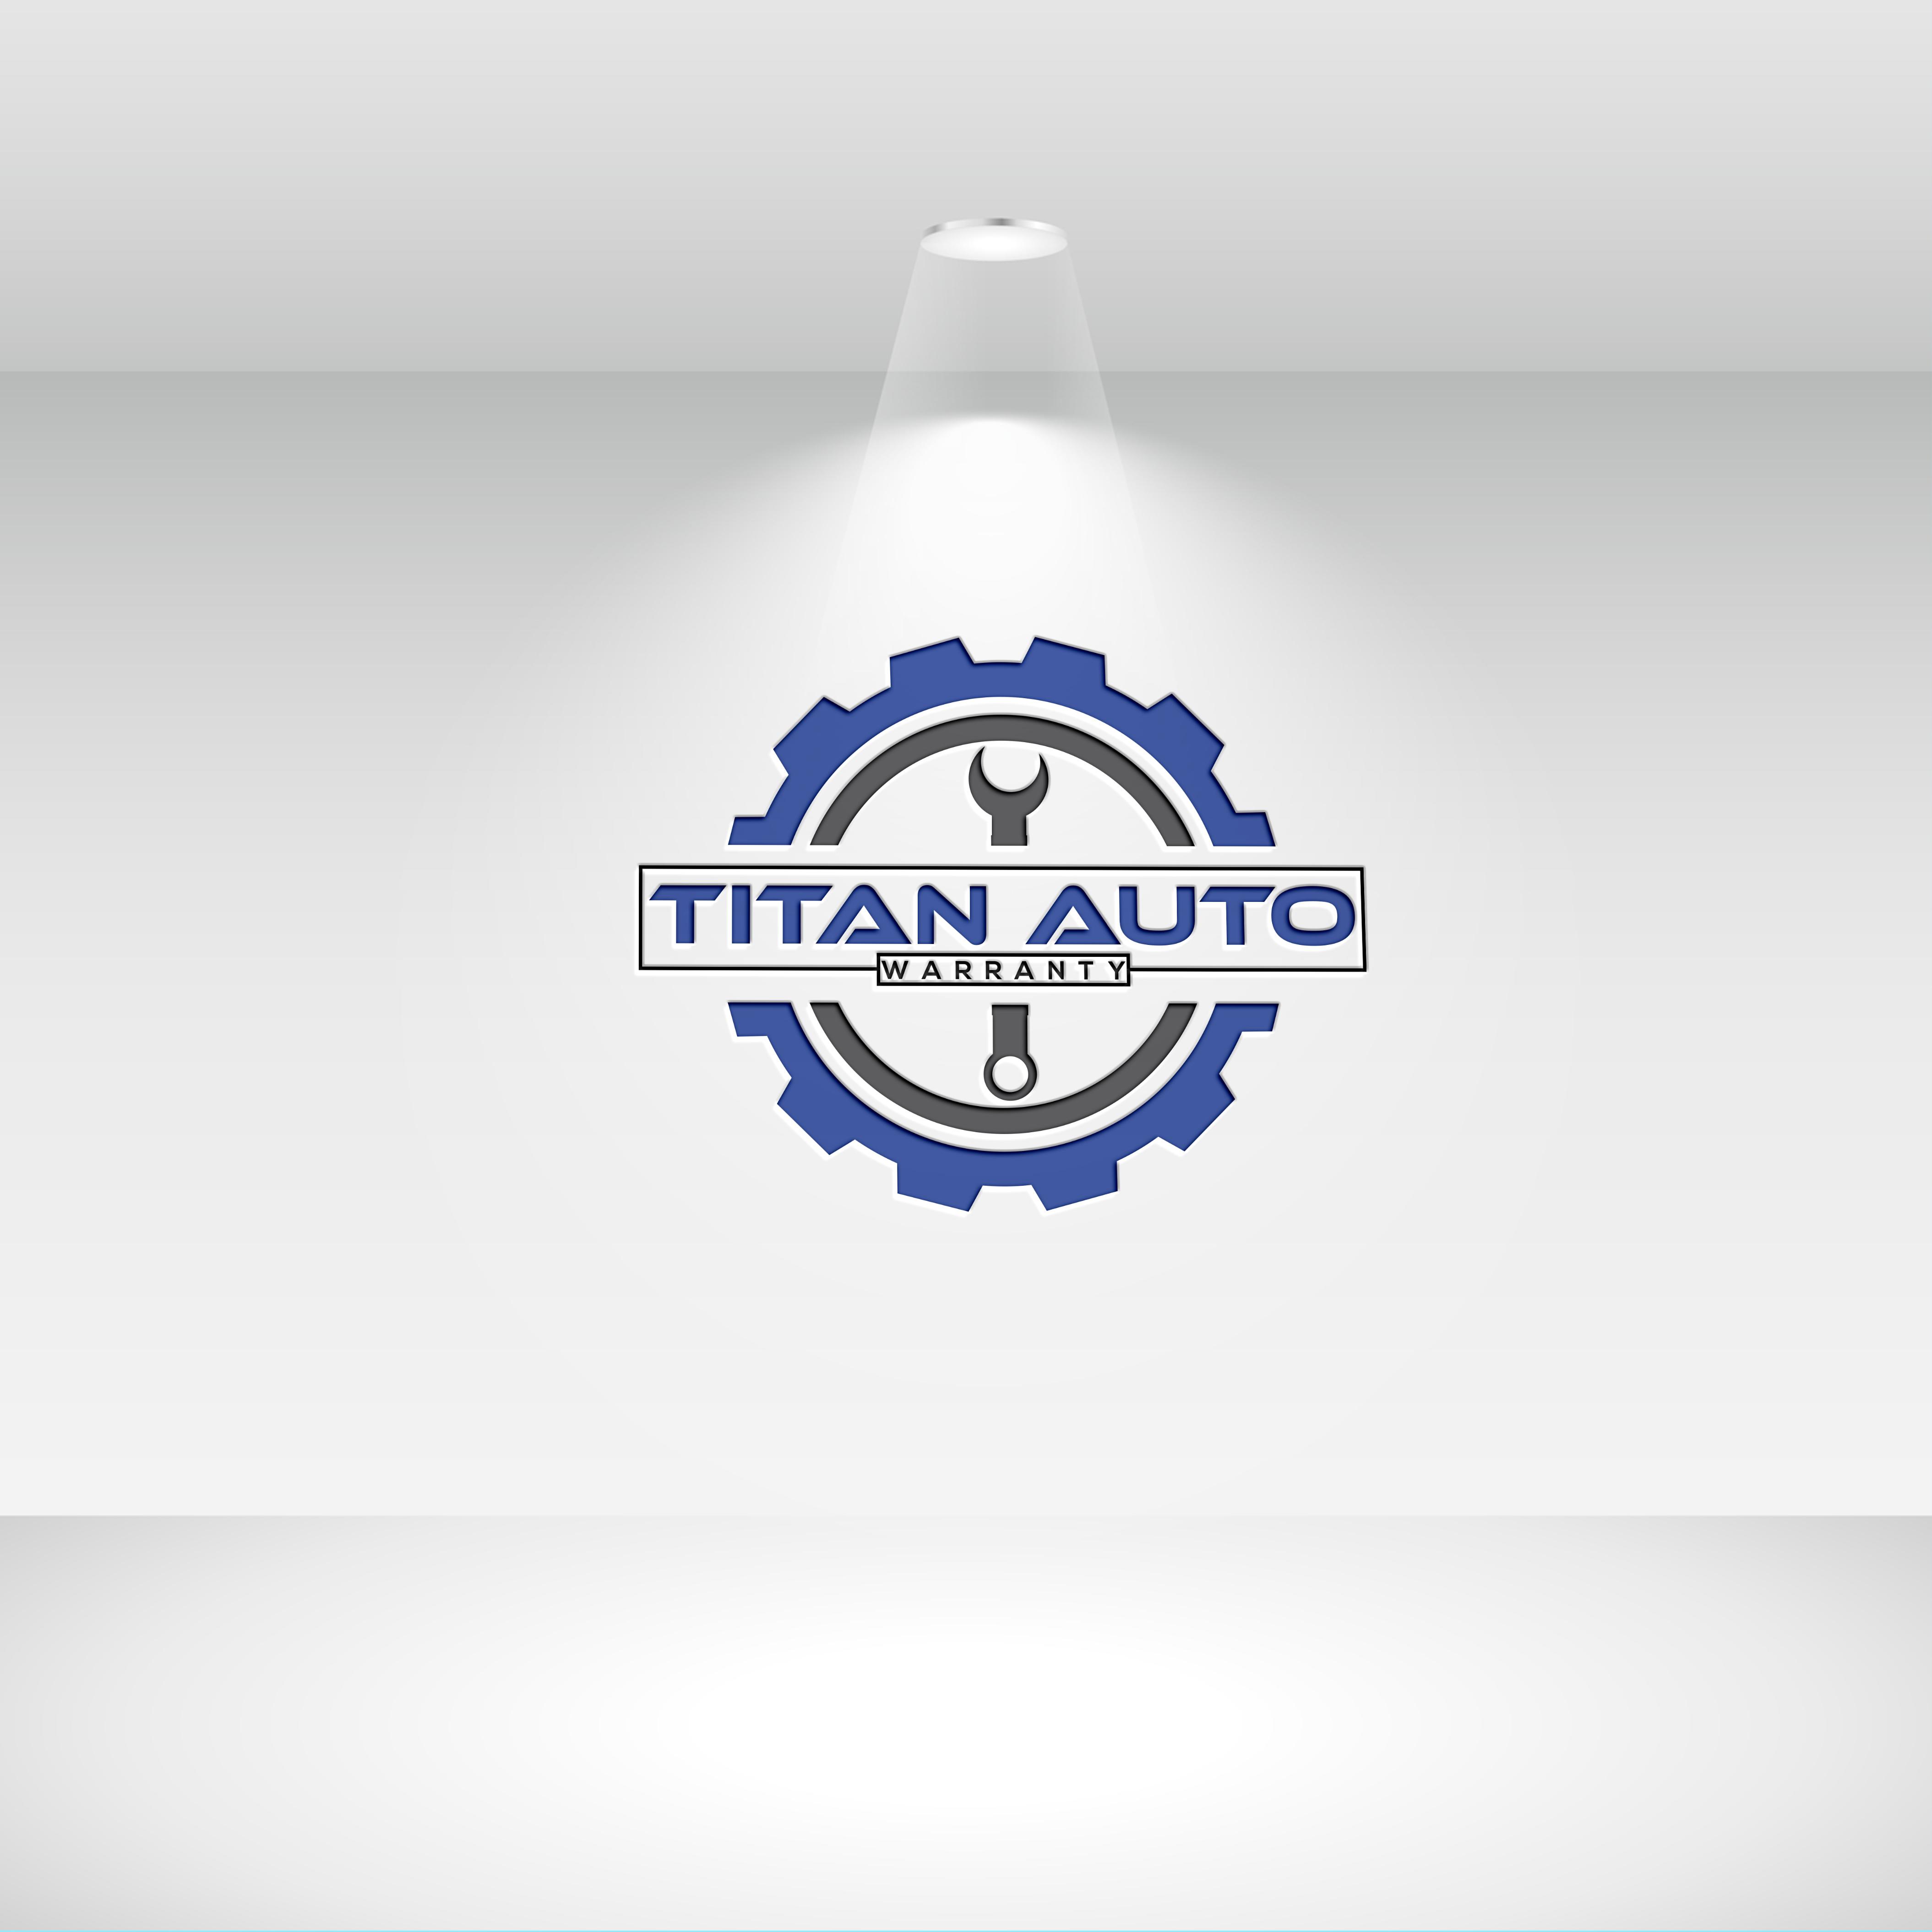 I Will Do Graphics design and logo design also business card design For You.